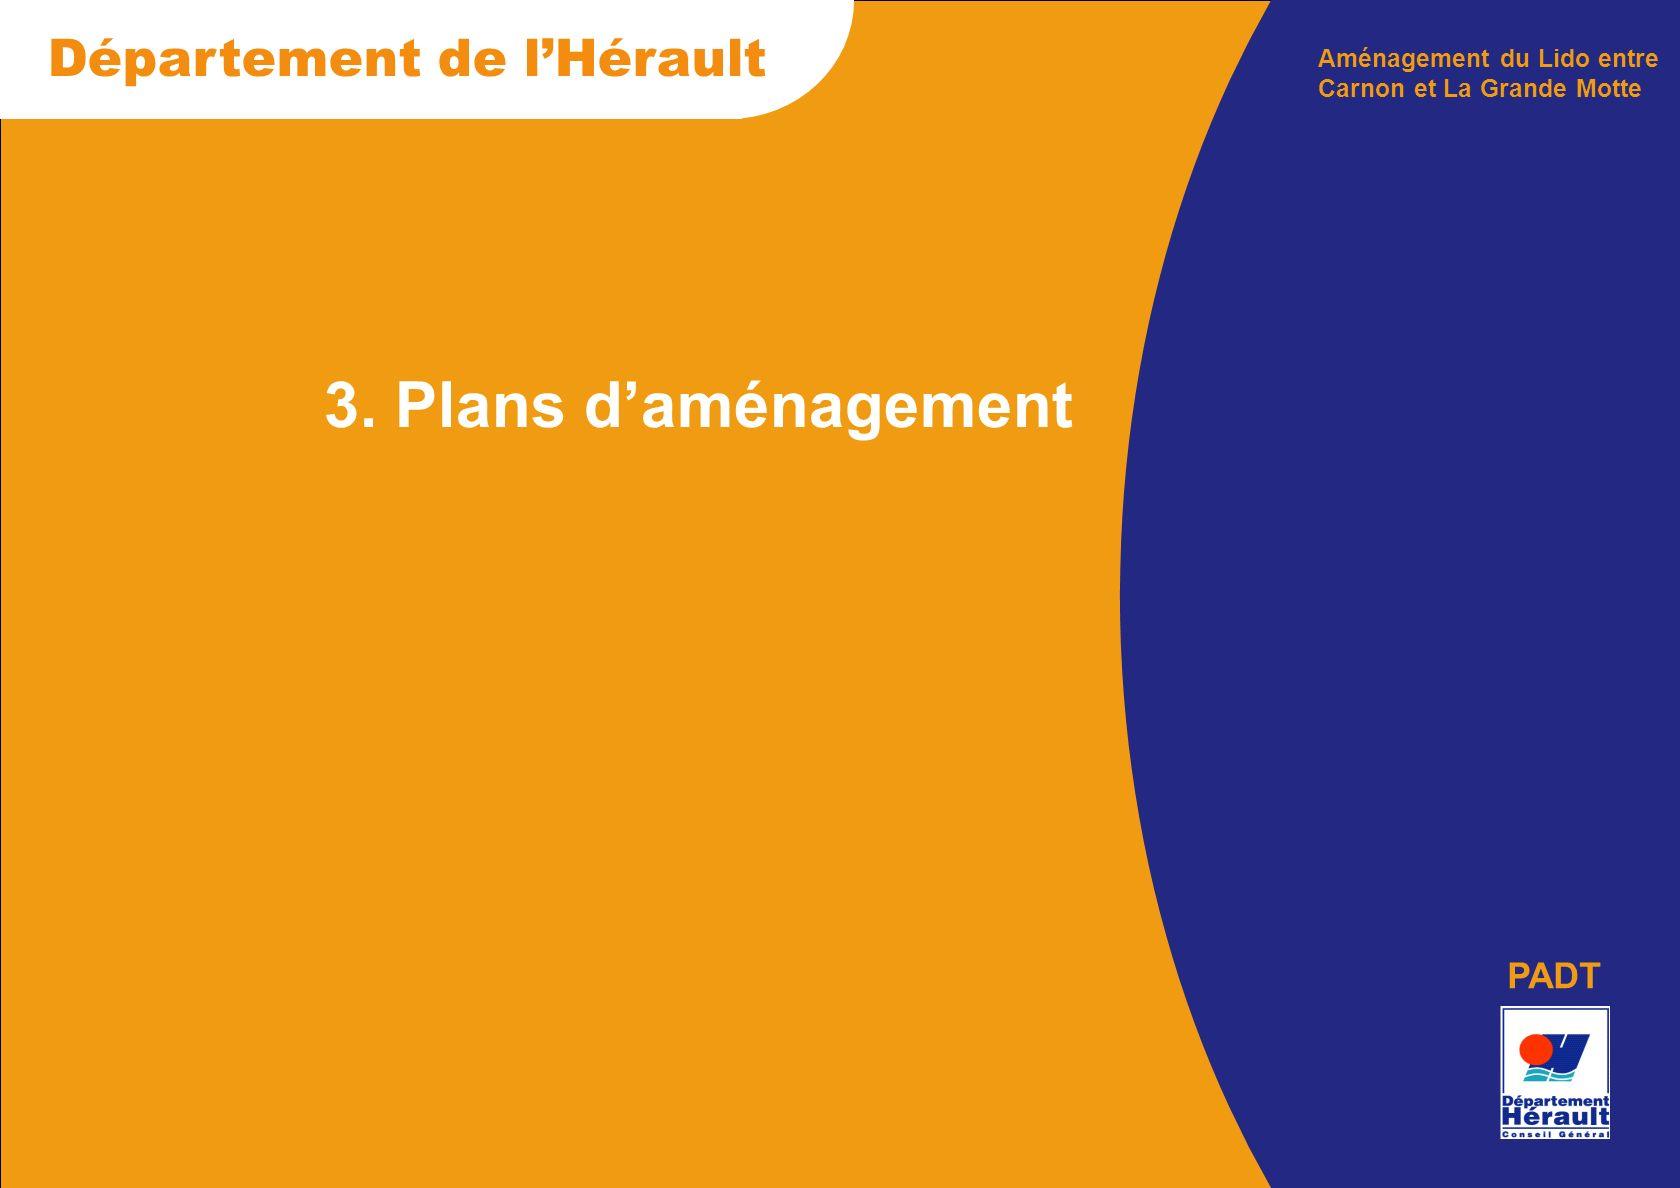 Département de lHérault PADT 3. Plans daménagement Aménagement du Lido entre Carnon et La Grande Motte